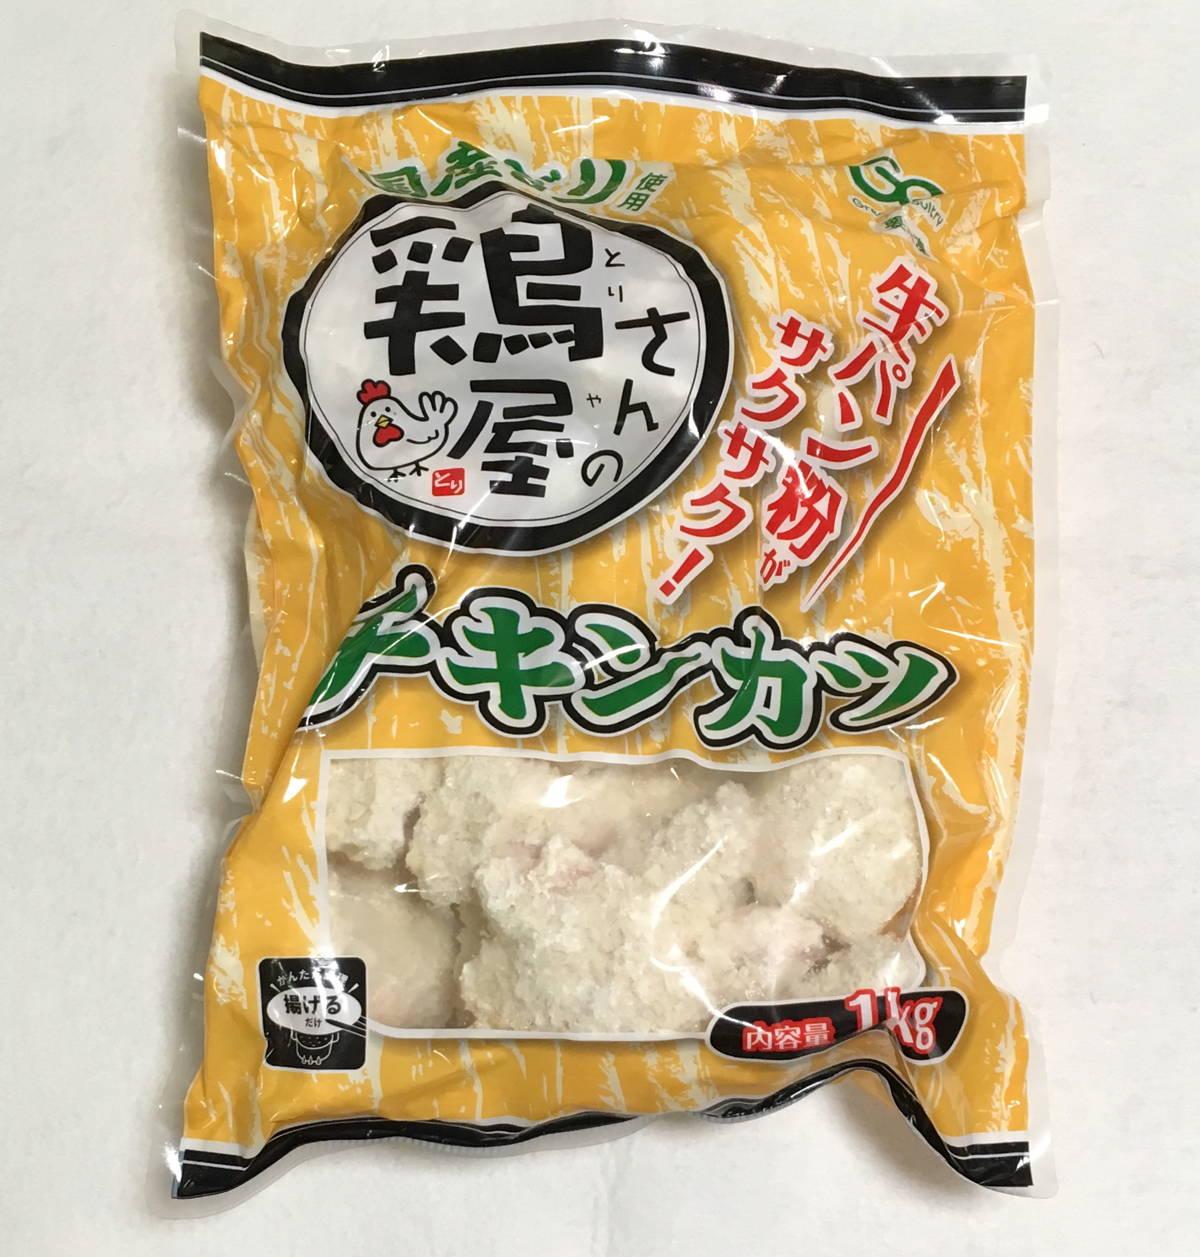 業務スーパー 国産 鶏屋さんのチキンカツ 冷凍食品